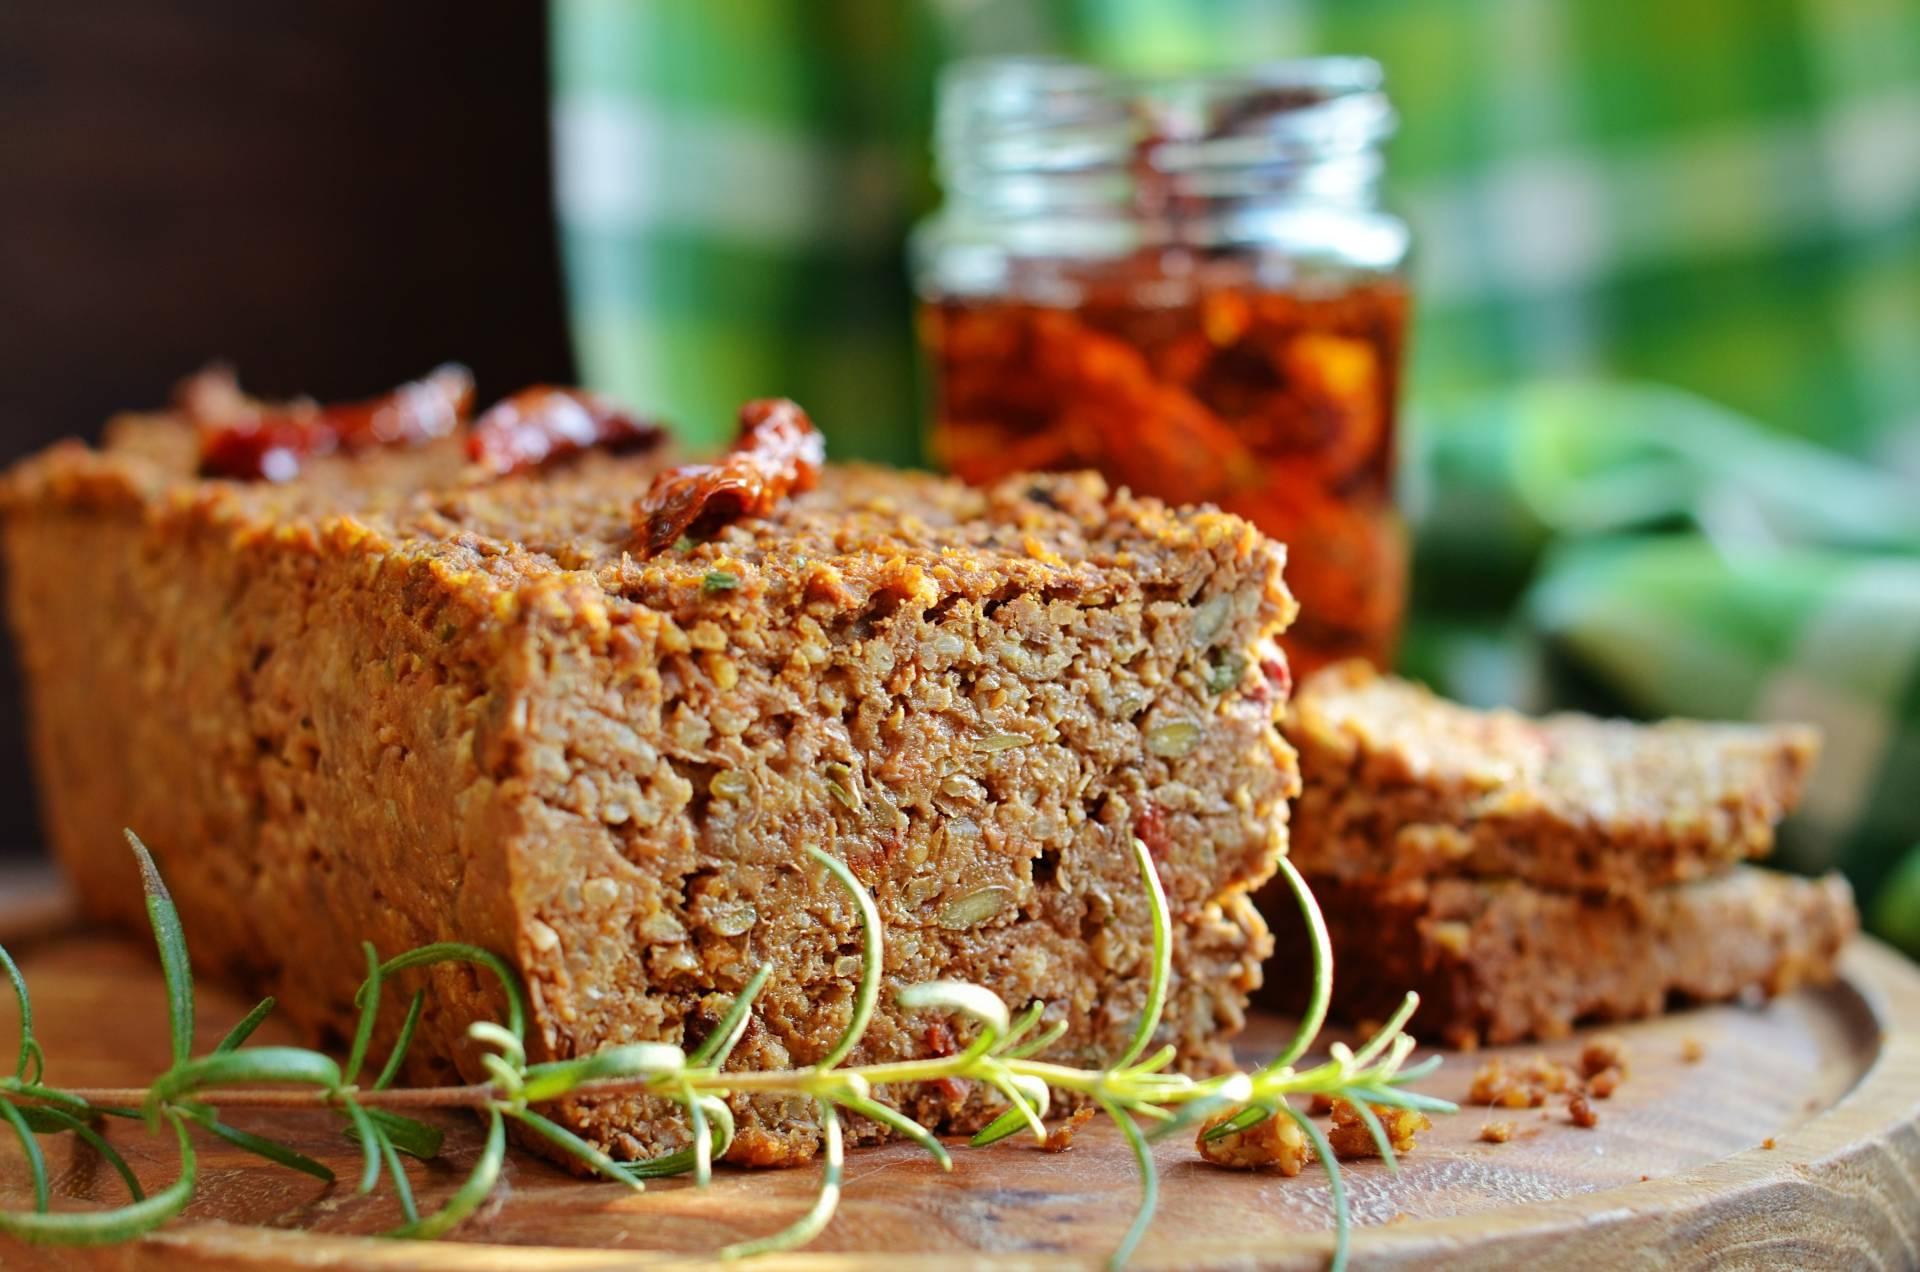 Pasztety wegetariańskie i wegańskie - z czego można je zrobić? Pasztet z soczewicy na drewnianej desce w kuchni.